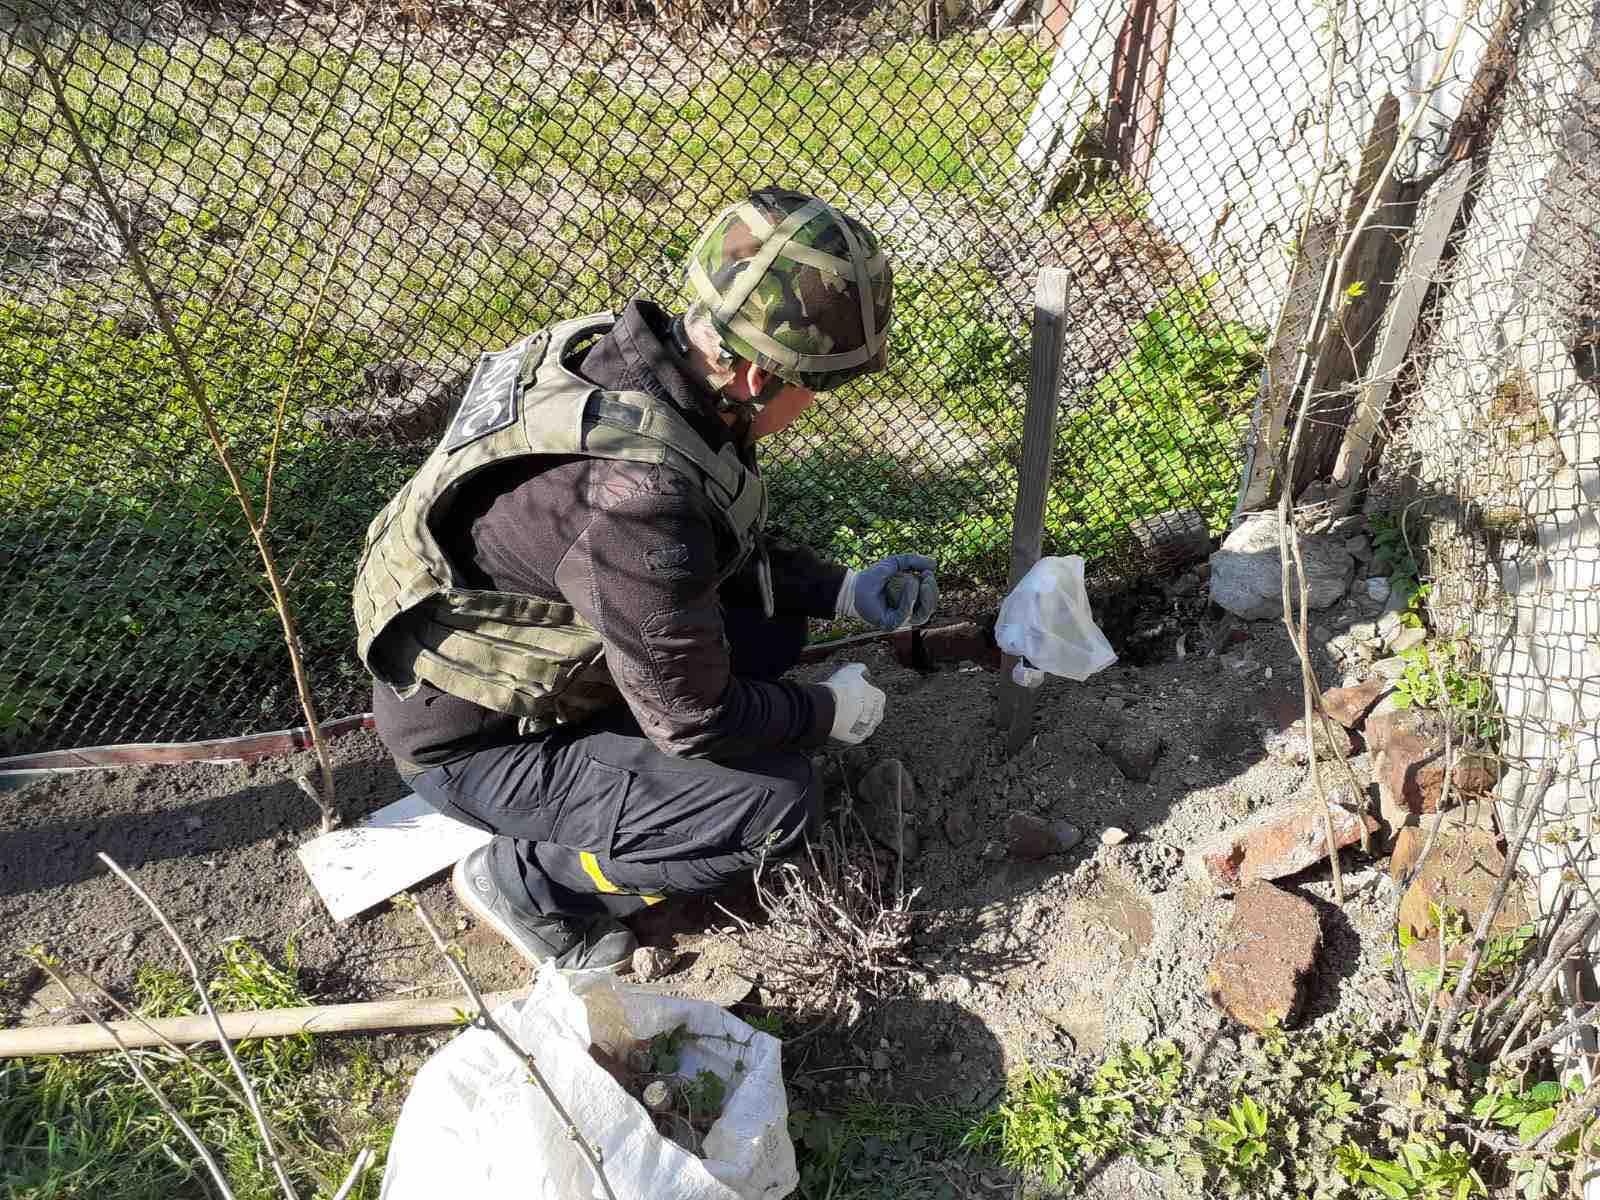 Первое сообщение об обнаружении подозрительного предмета спасателям поступило в 11:00 9 апреля.